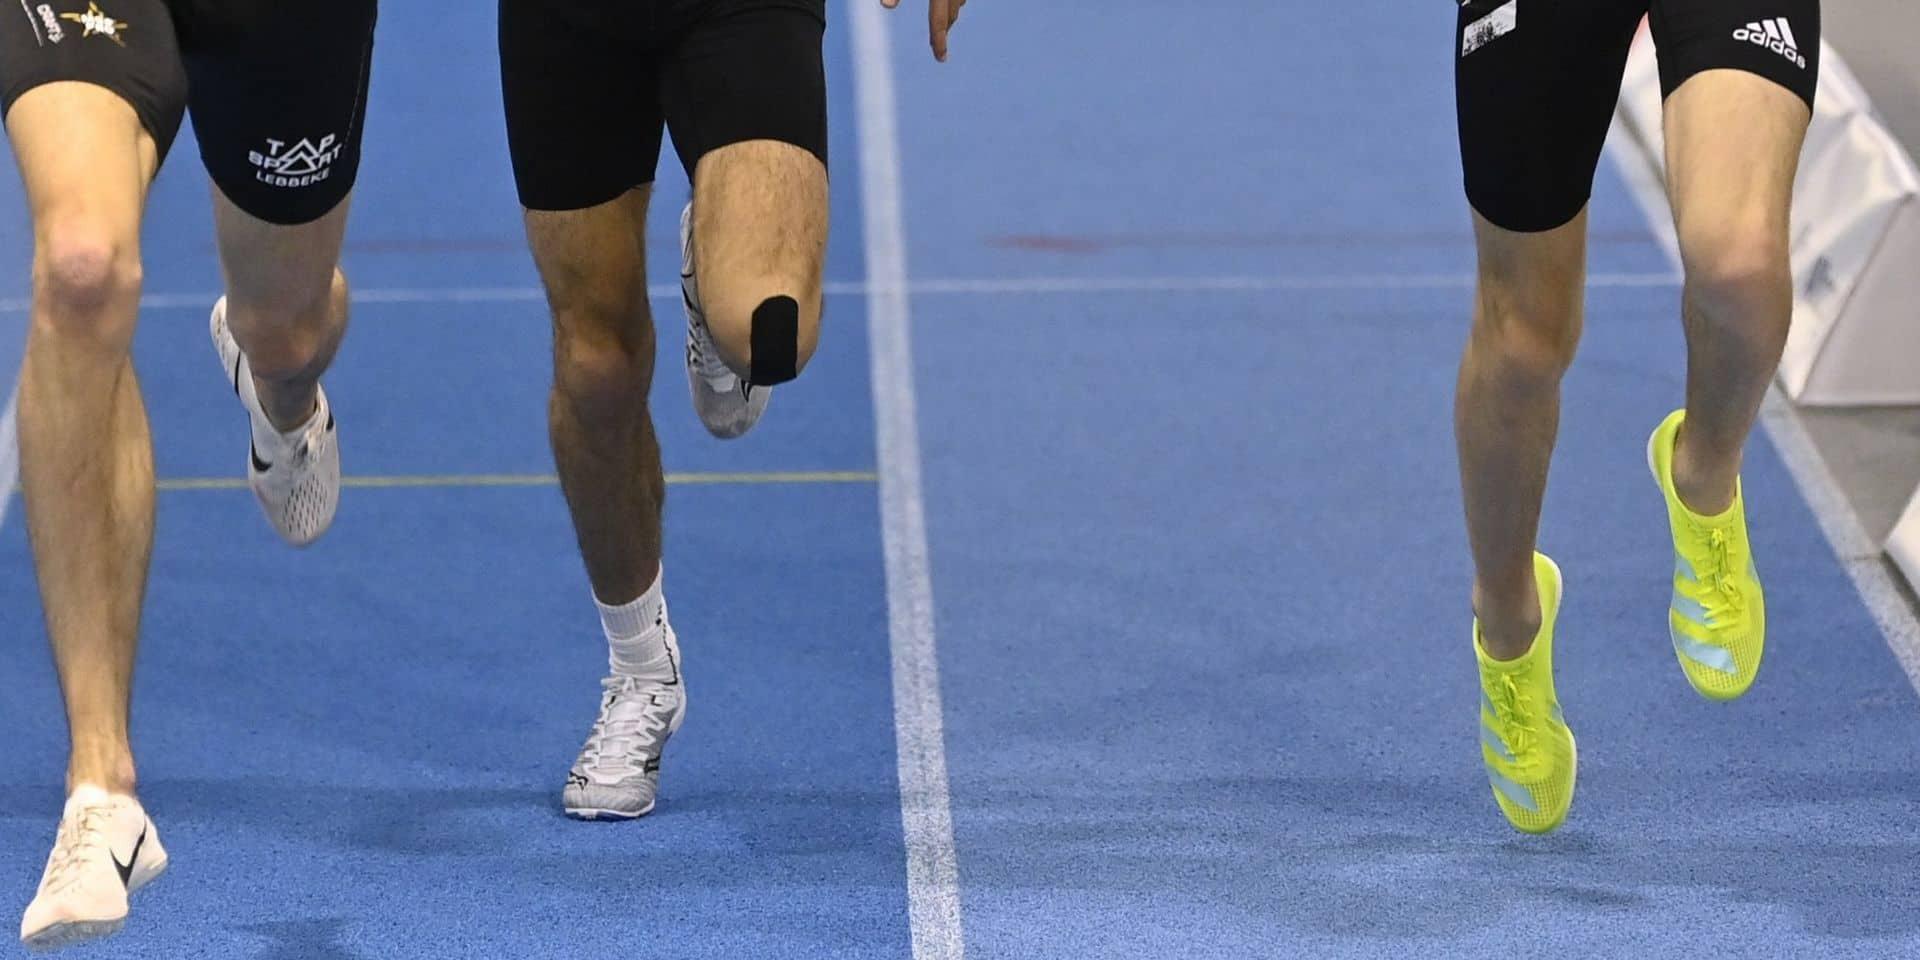 Une proportion importante d'athlètes présentent des symptômes persistants